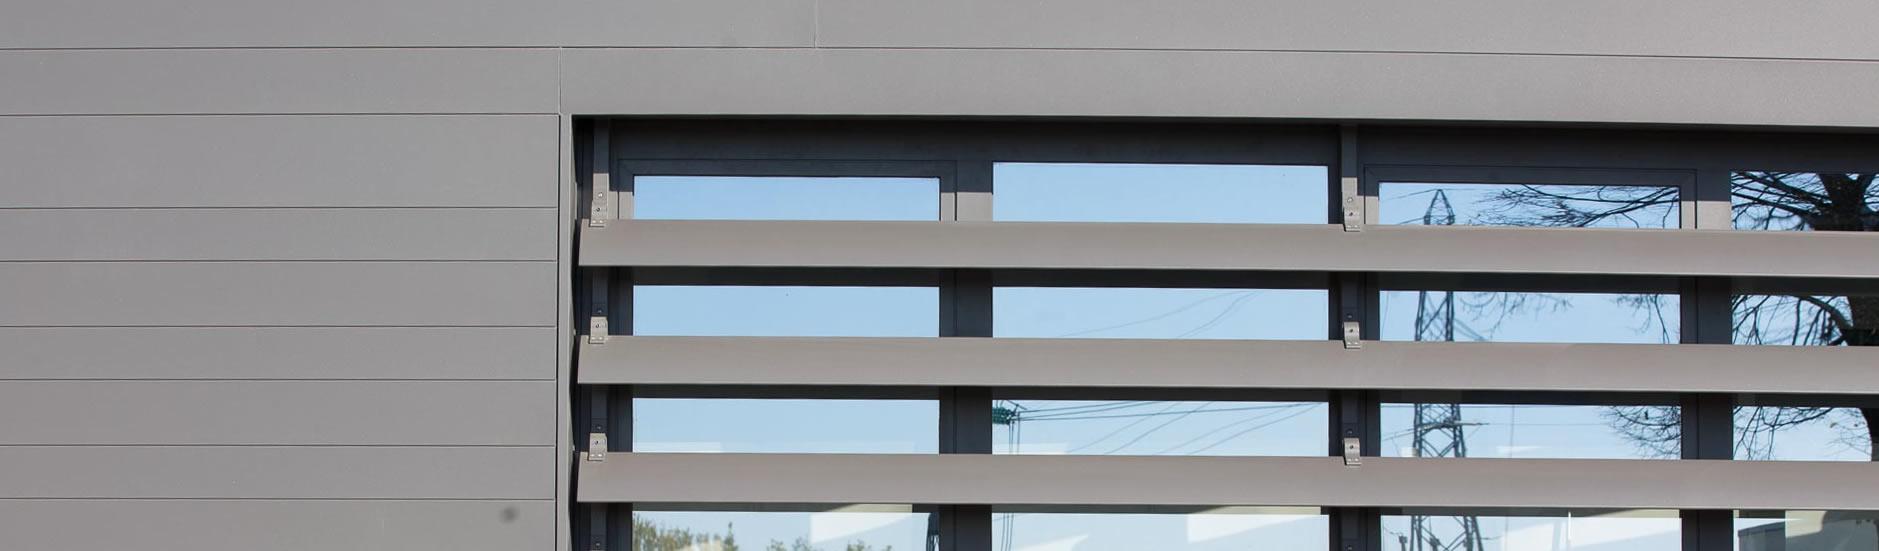 Infissi esterni con frangisole per l 39 azienda fornasiero - Infissi esterni in alluminio ...